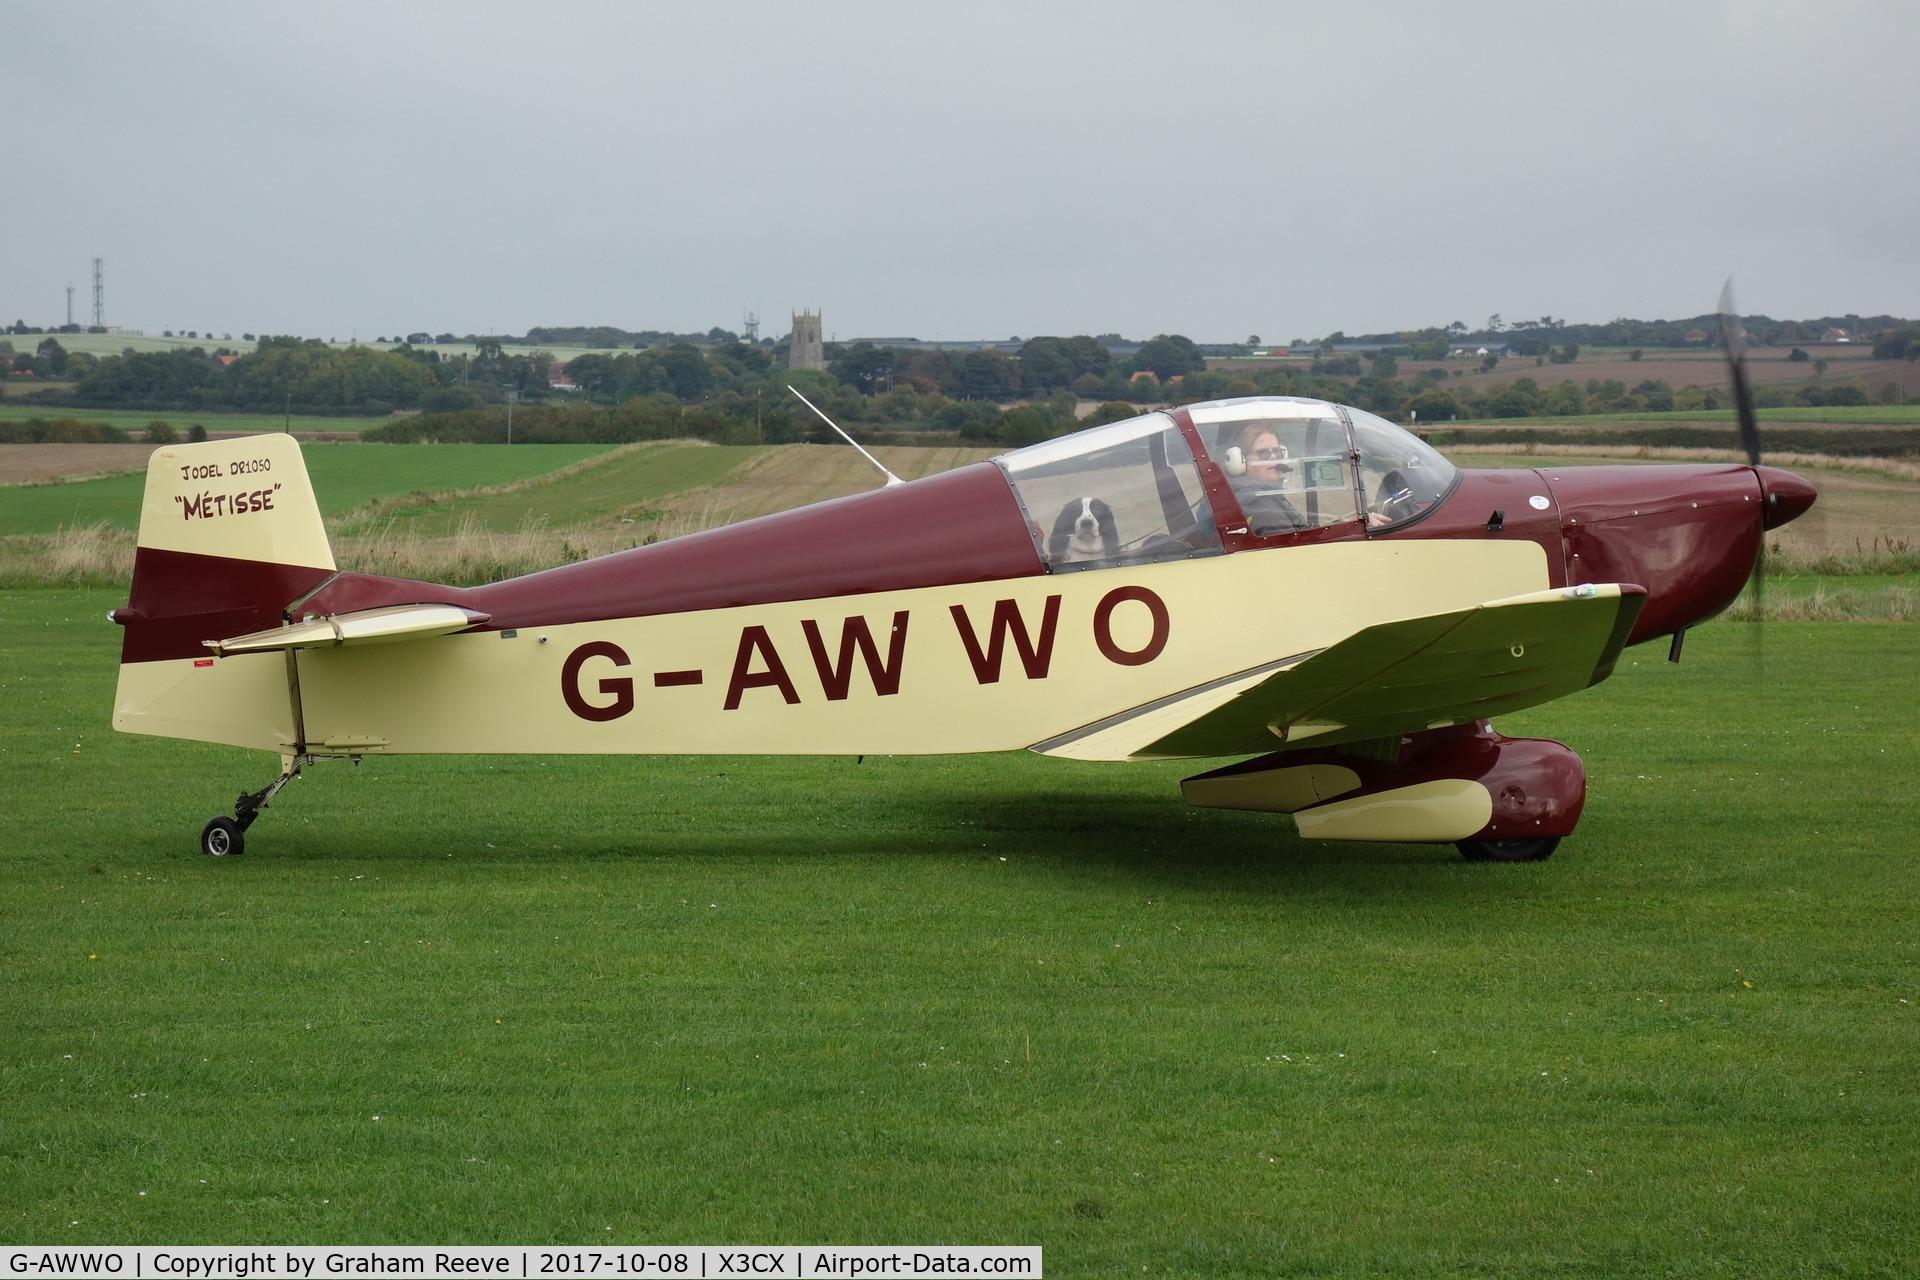 G-AWWO, 1964 CEA Jodel DR-1050 Sicile C/N 552, Just landed at Northrepps.